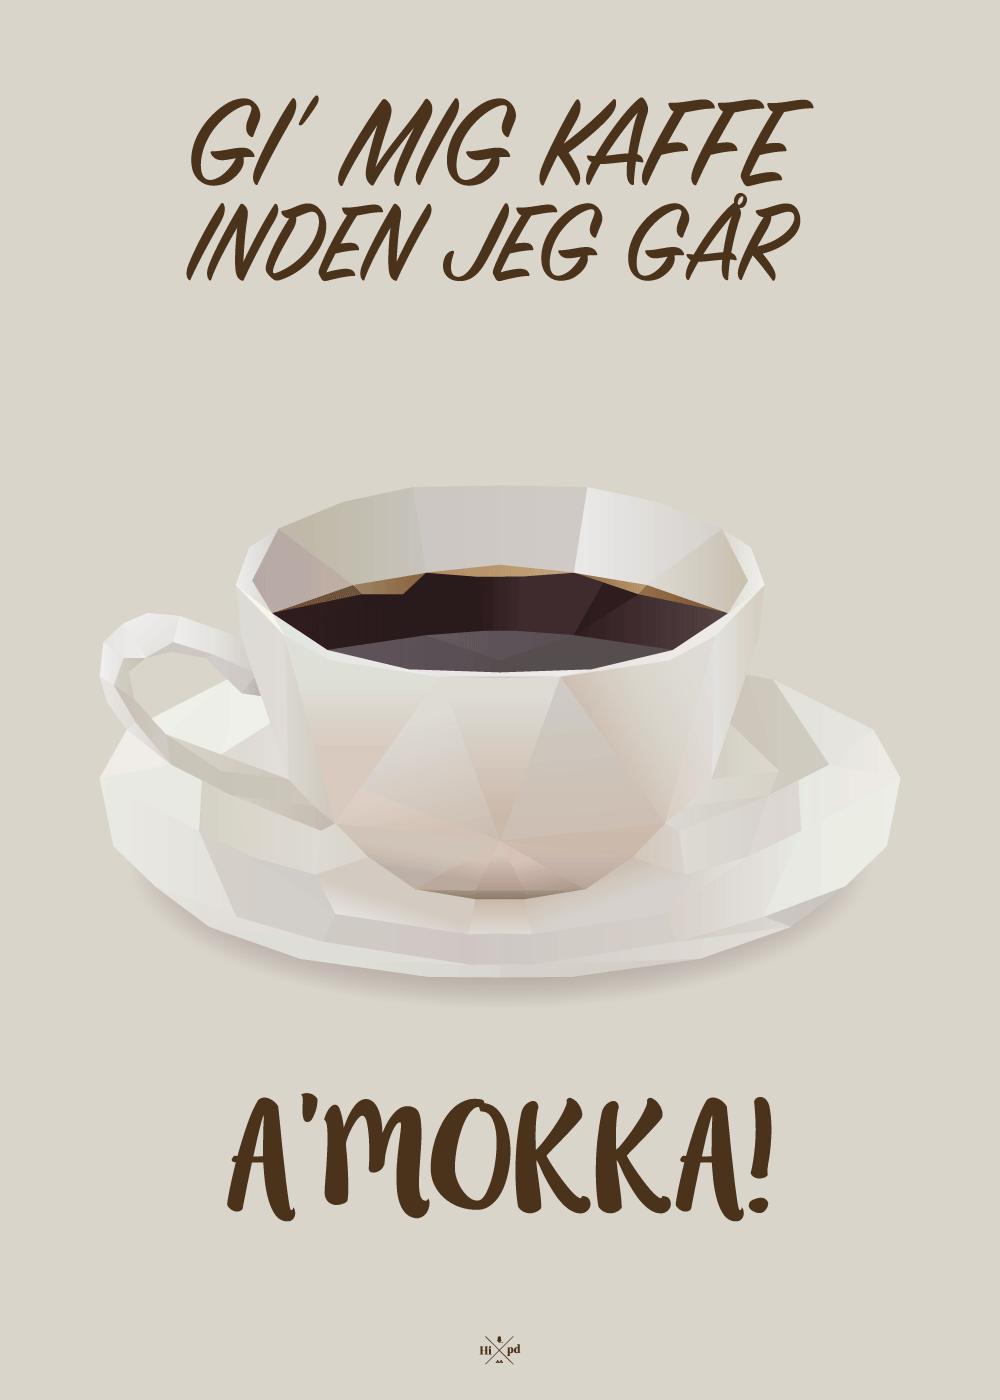 A'mokka